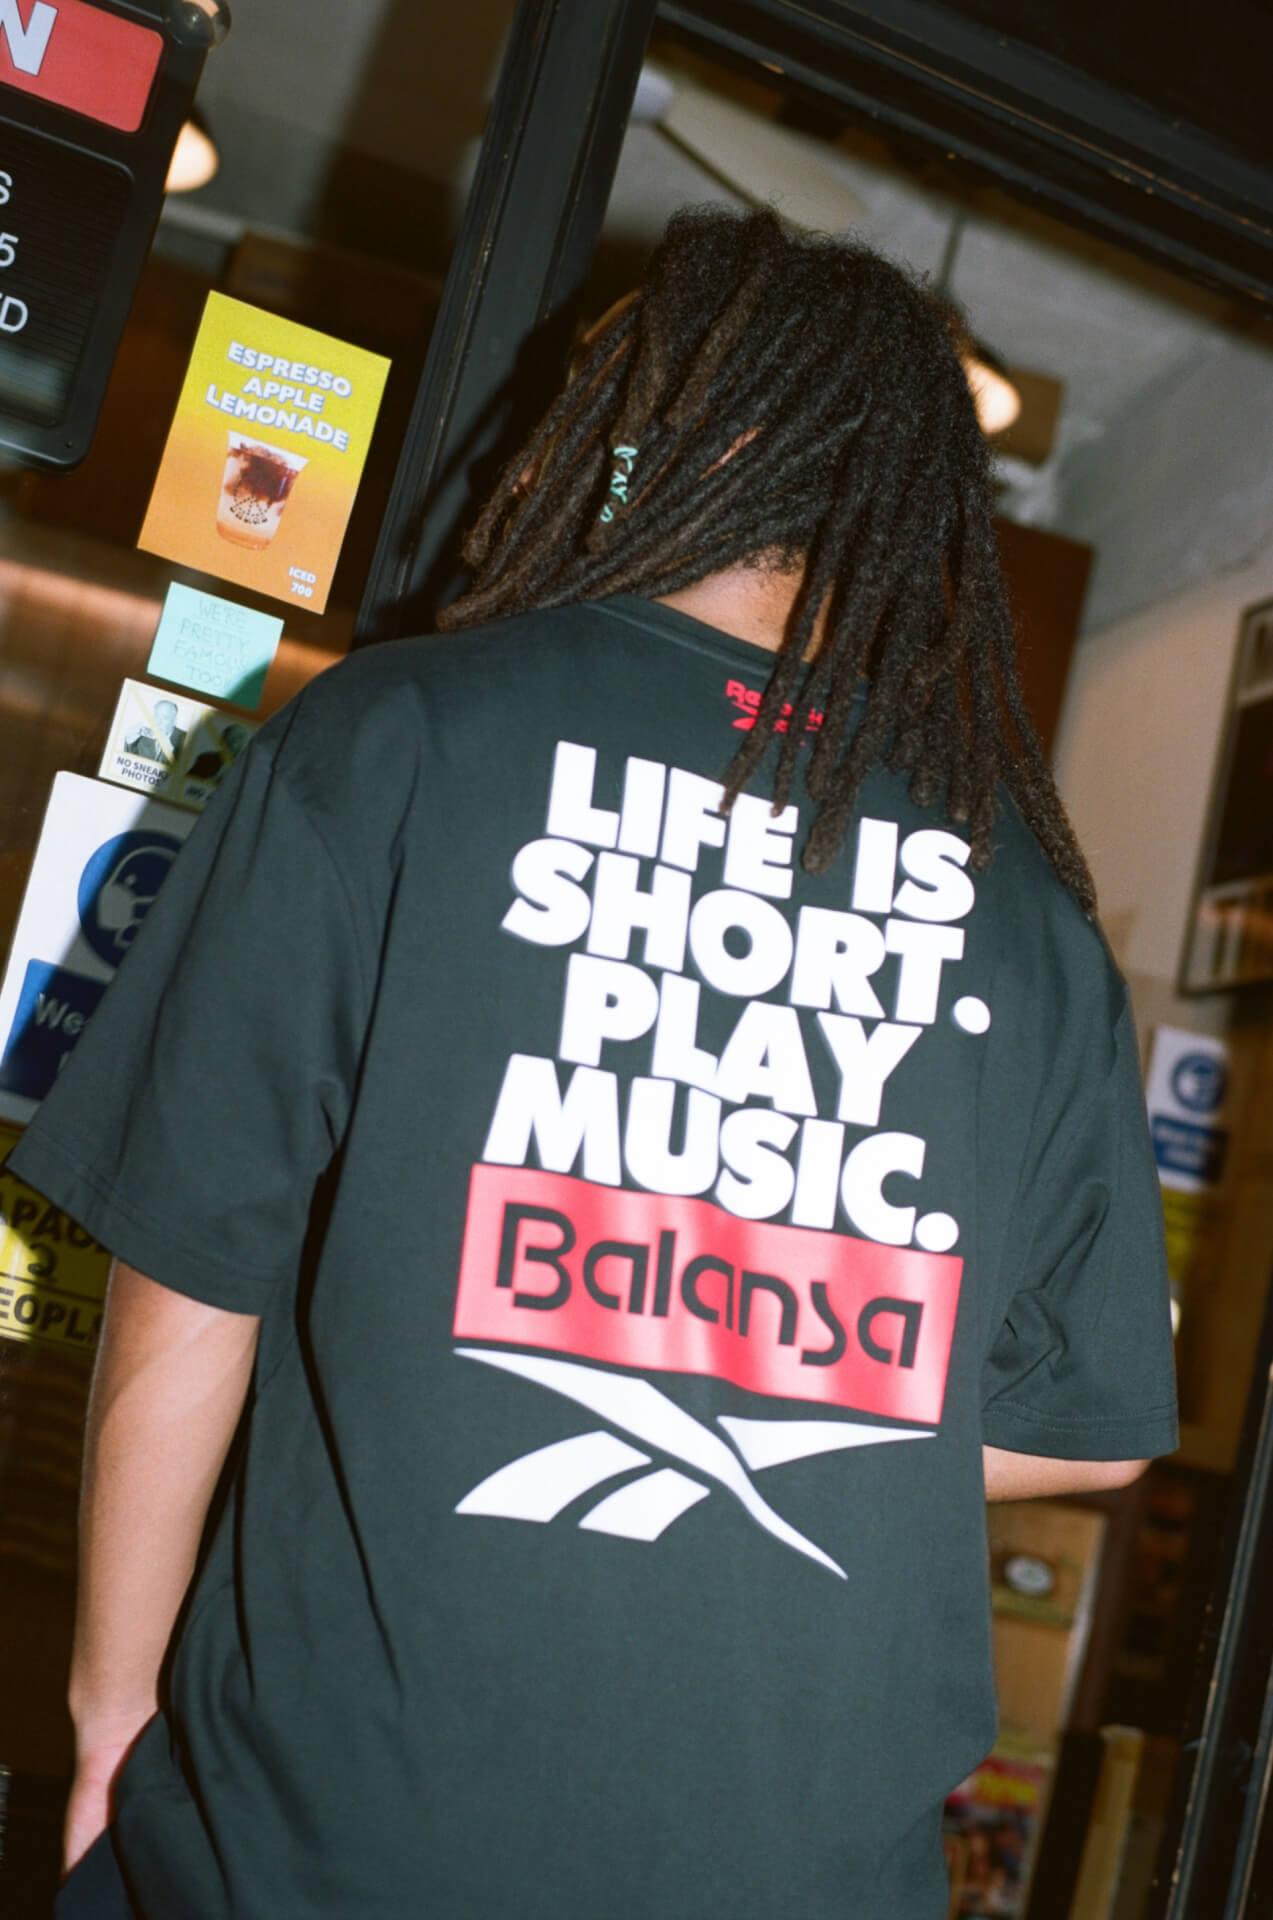 リーボックと韓国のSOUND SHOP balansaがコラボ!90年代のバスケコレクションをモチーフにしたClub Cが発売中 life211005_reebok_balansa_14